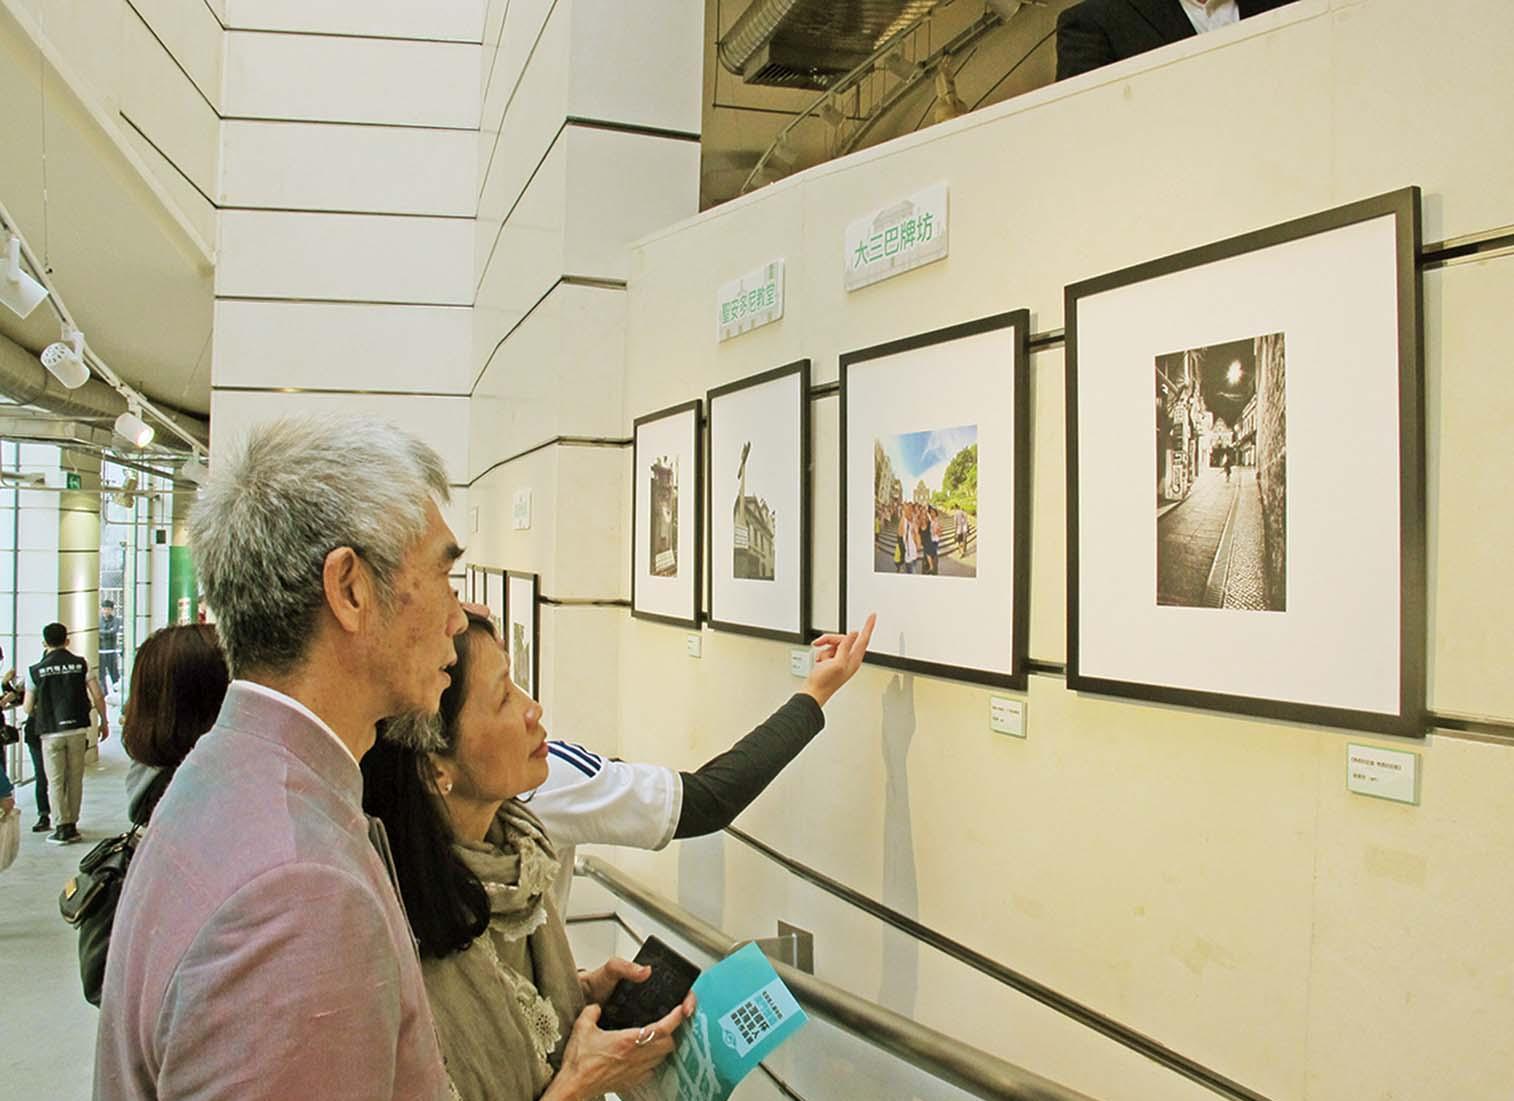 共展出161幅攝影作品